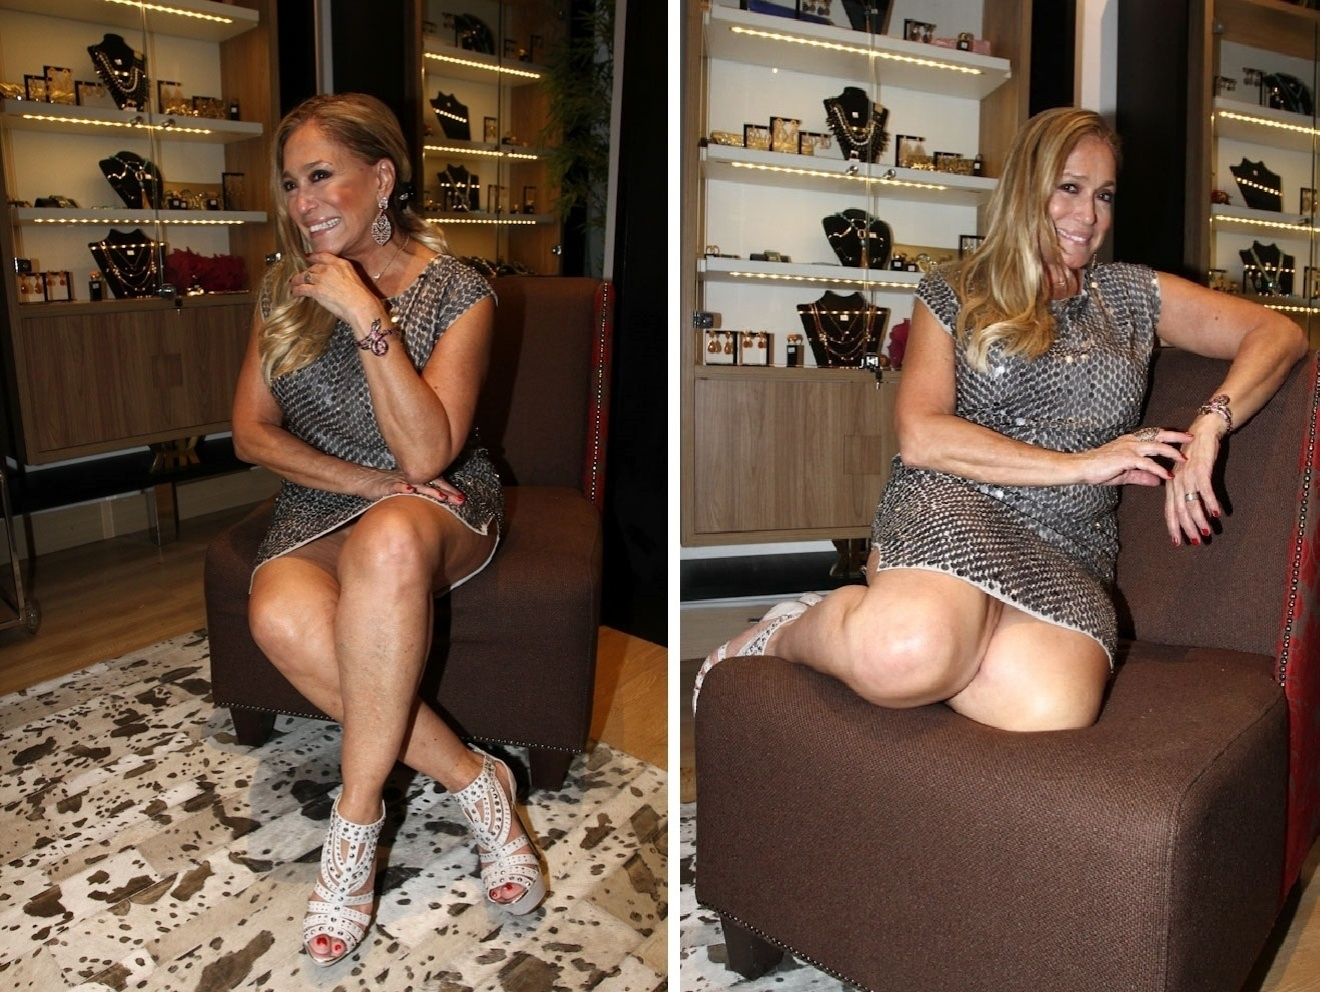 7.dez.2013 - Susana Vieira quase mostra demais ao posar para fotógrafos durante evento em São Paulo. Na tarde deste sábado (7), a intérprete de Pilar em